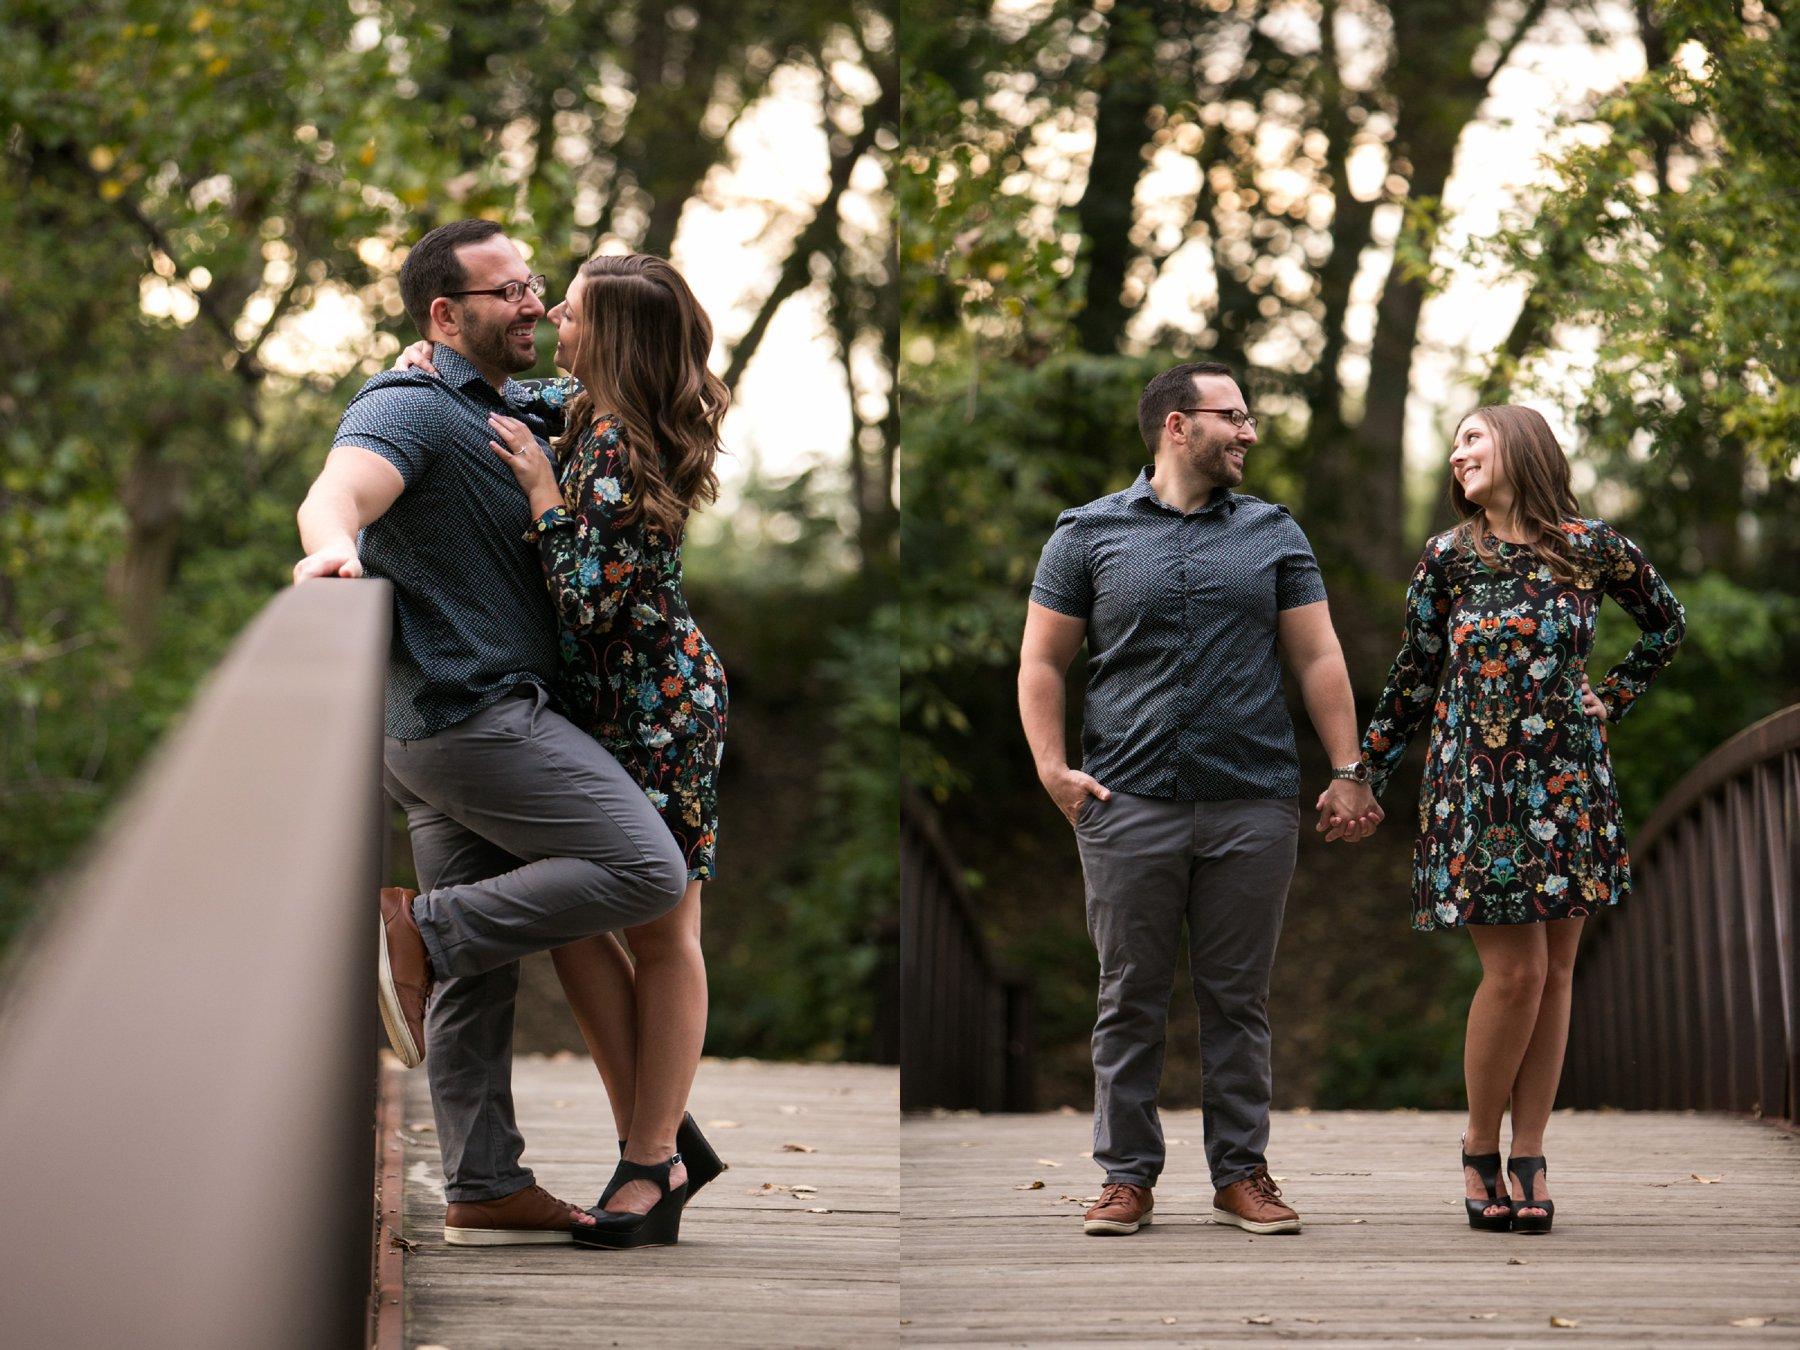 Allie + Garrett - Urban Chic Big City Engagements